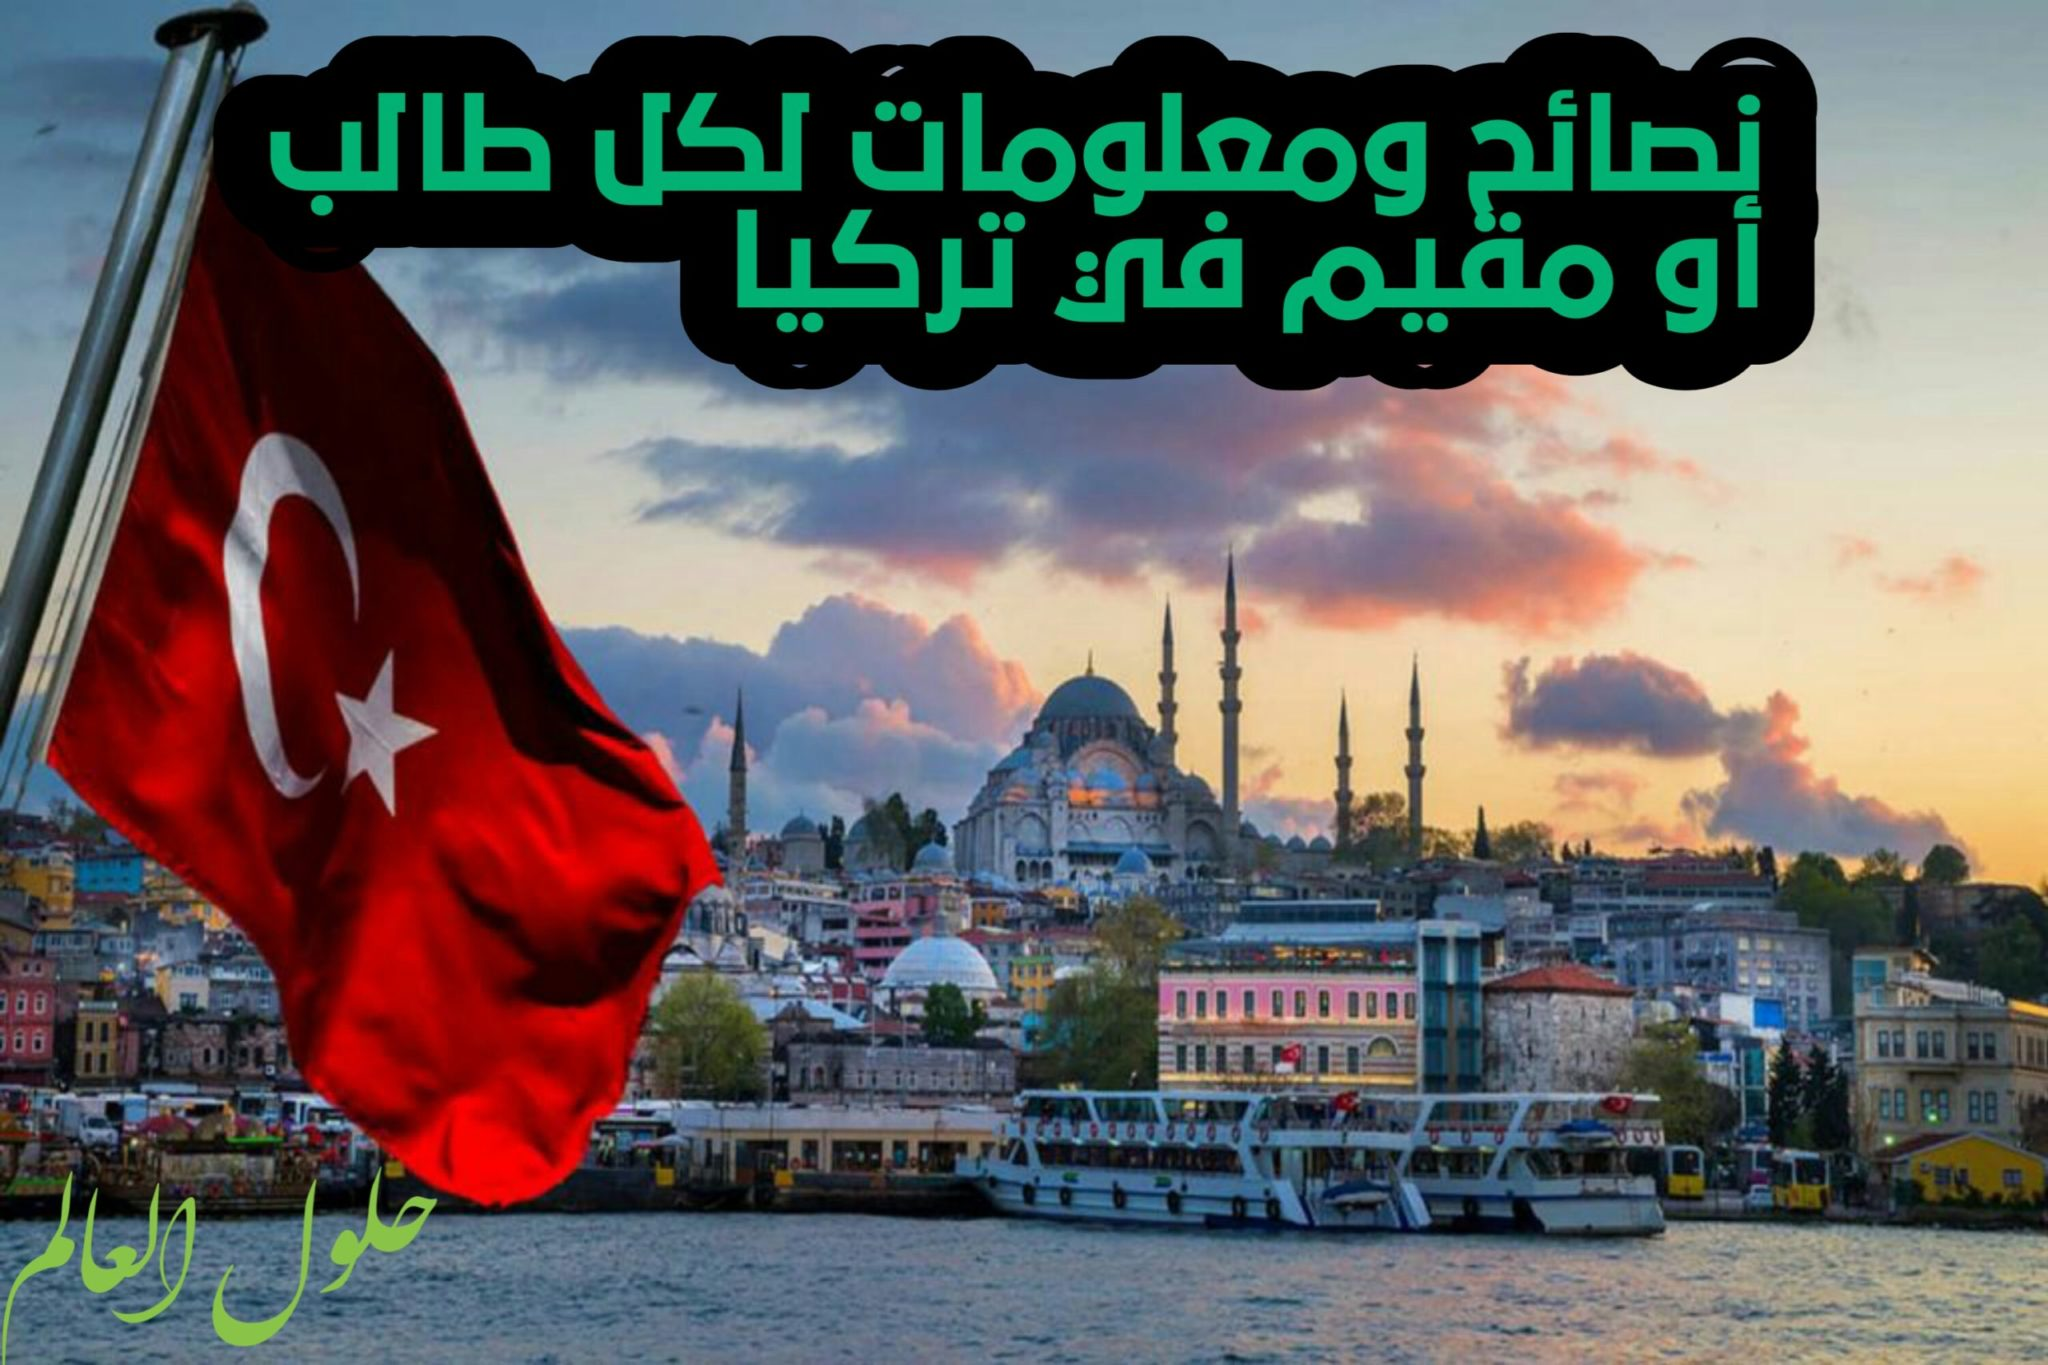 المعيشة في تركيا-حلول العالم